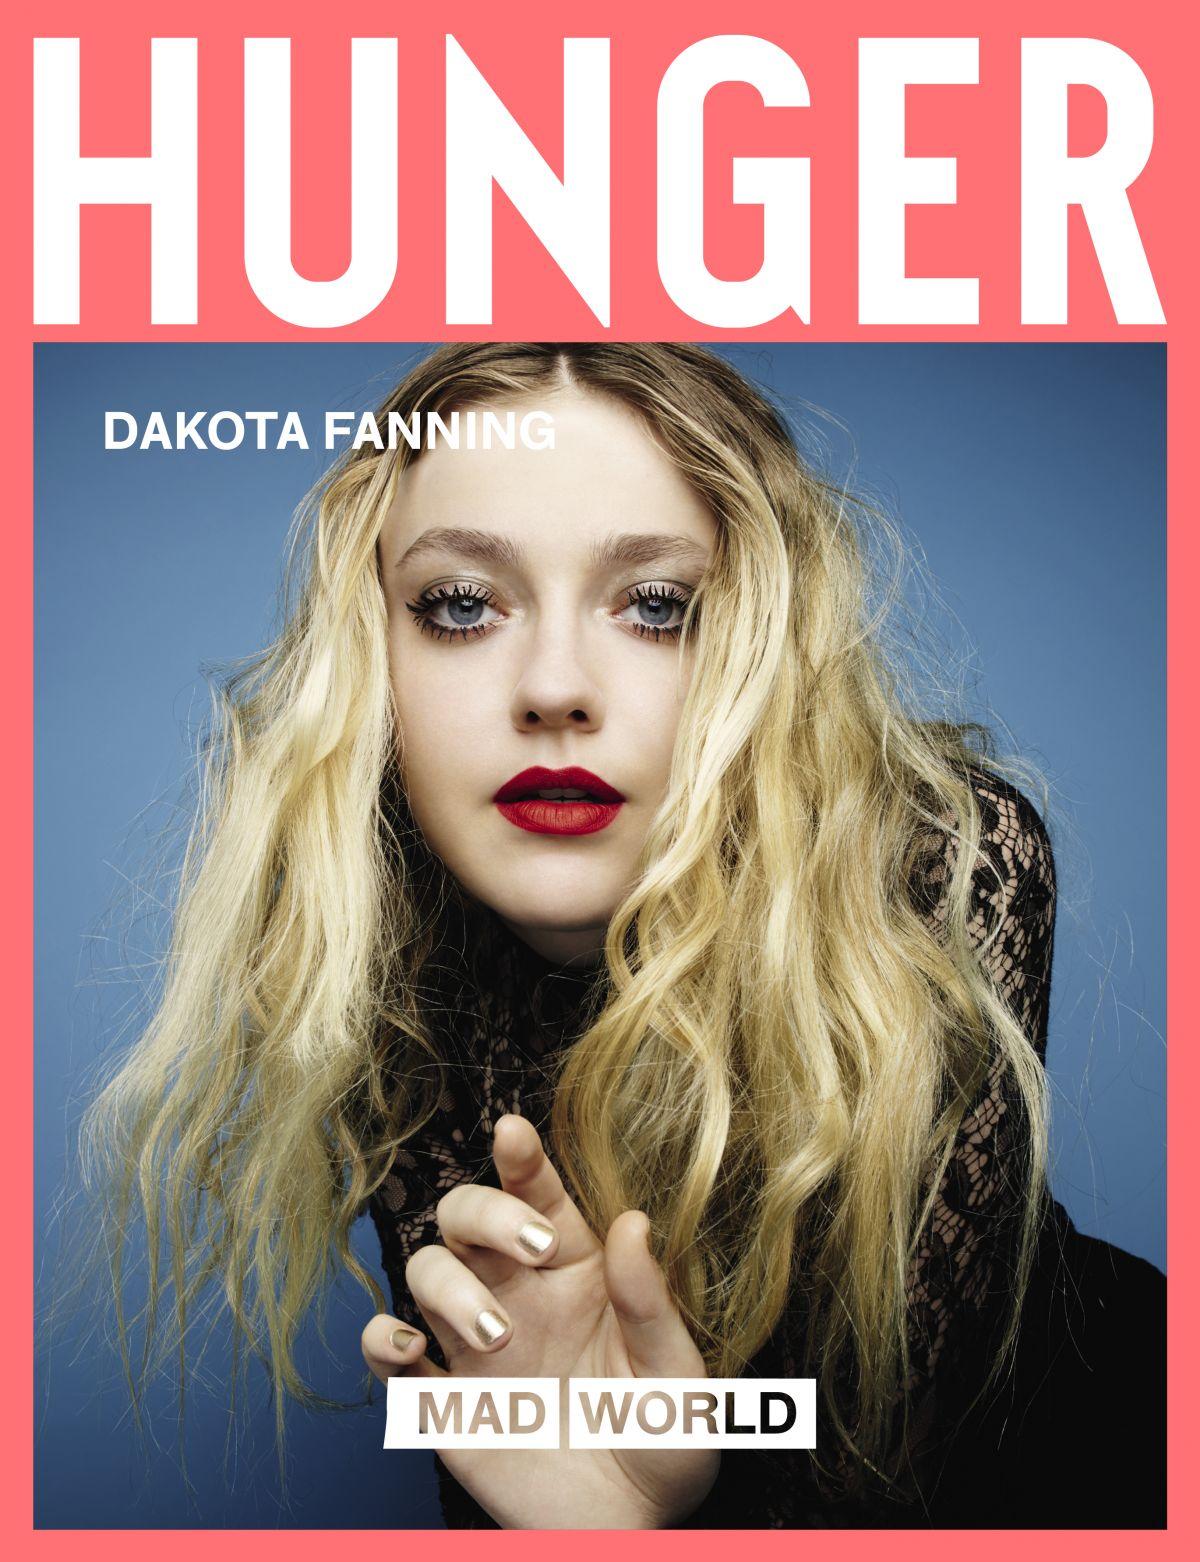 DAKOTA FANNING for Hunger Magazine, 2017